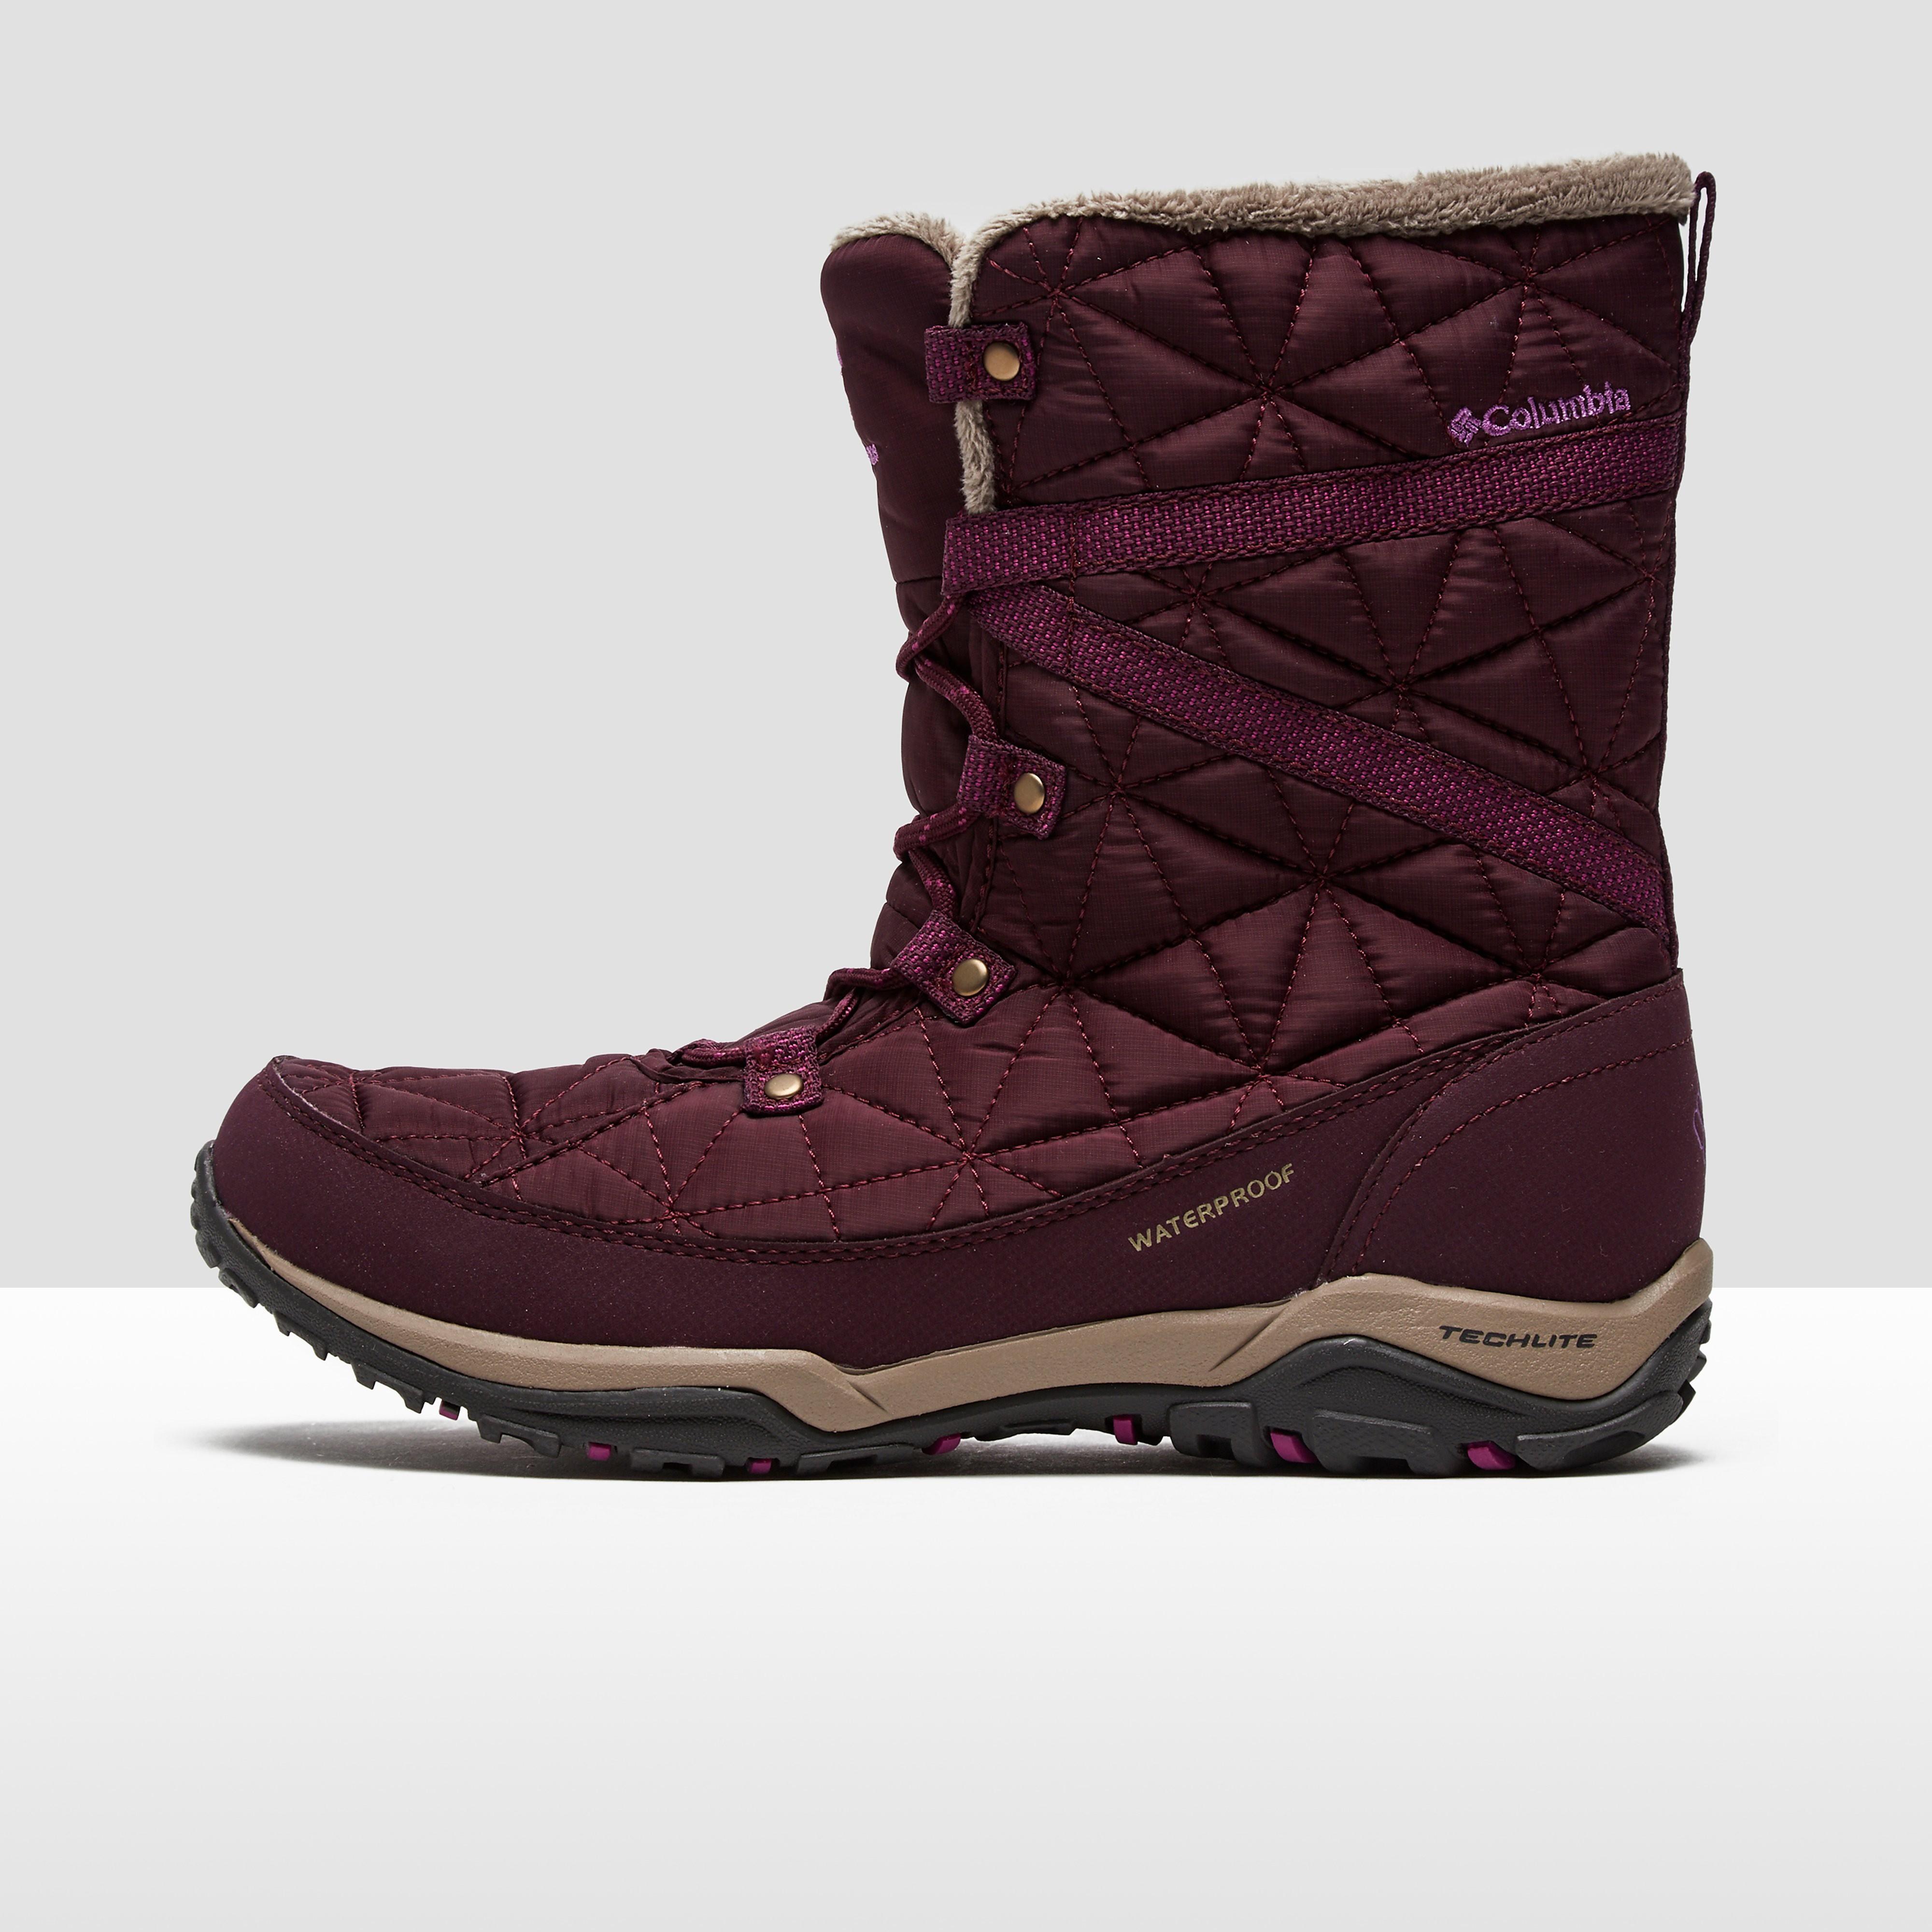 Columbia Women's Loveland Mid Omni-Heat Winter Boots